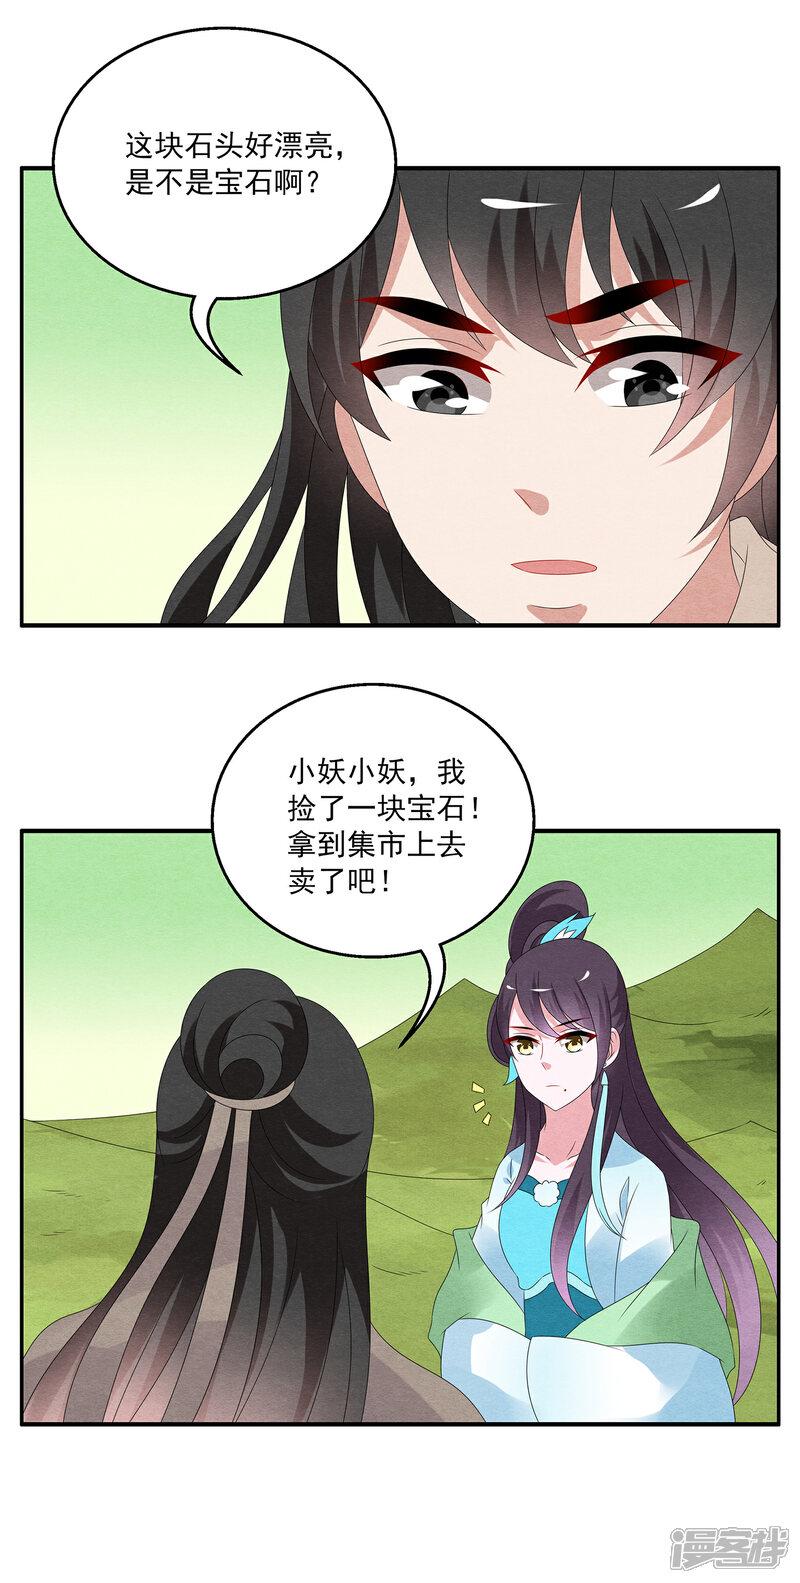 洛小妖109 (1)-2.JPG